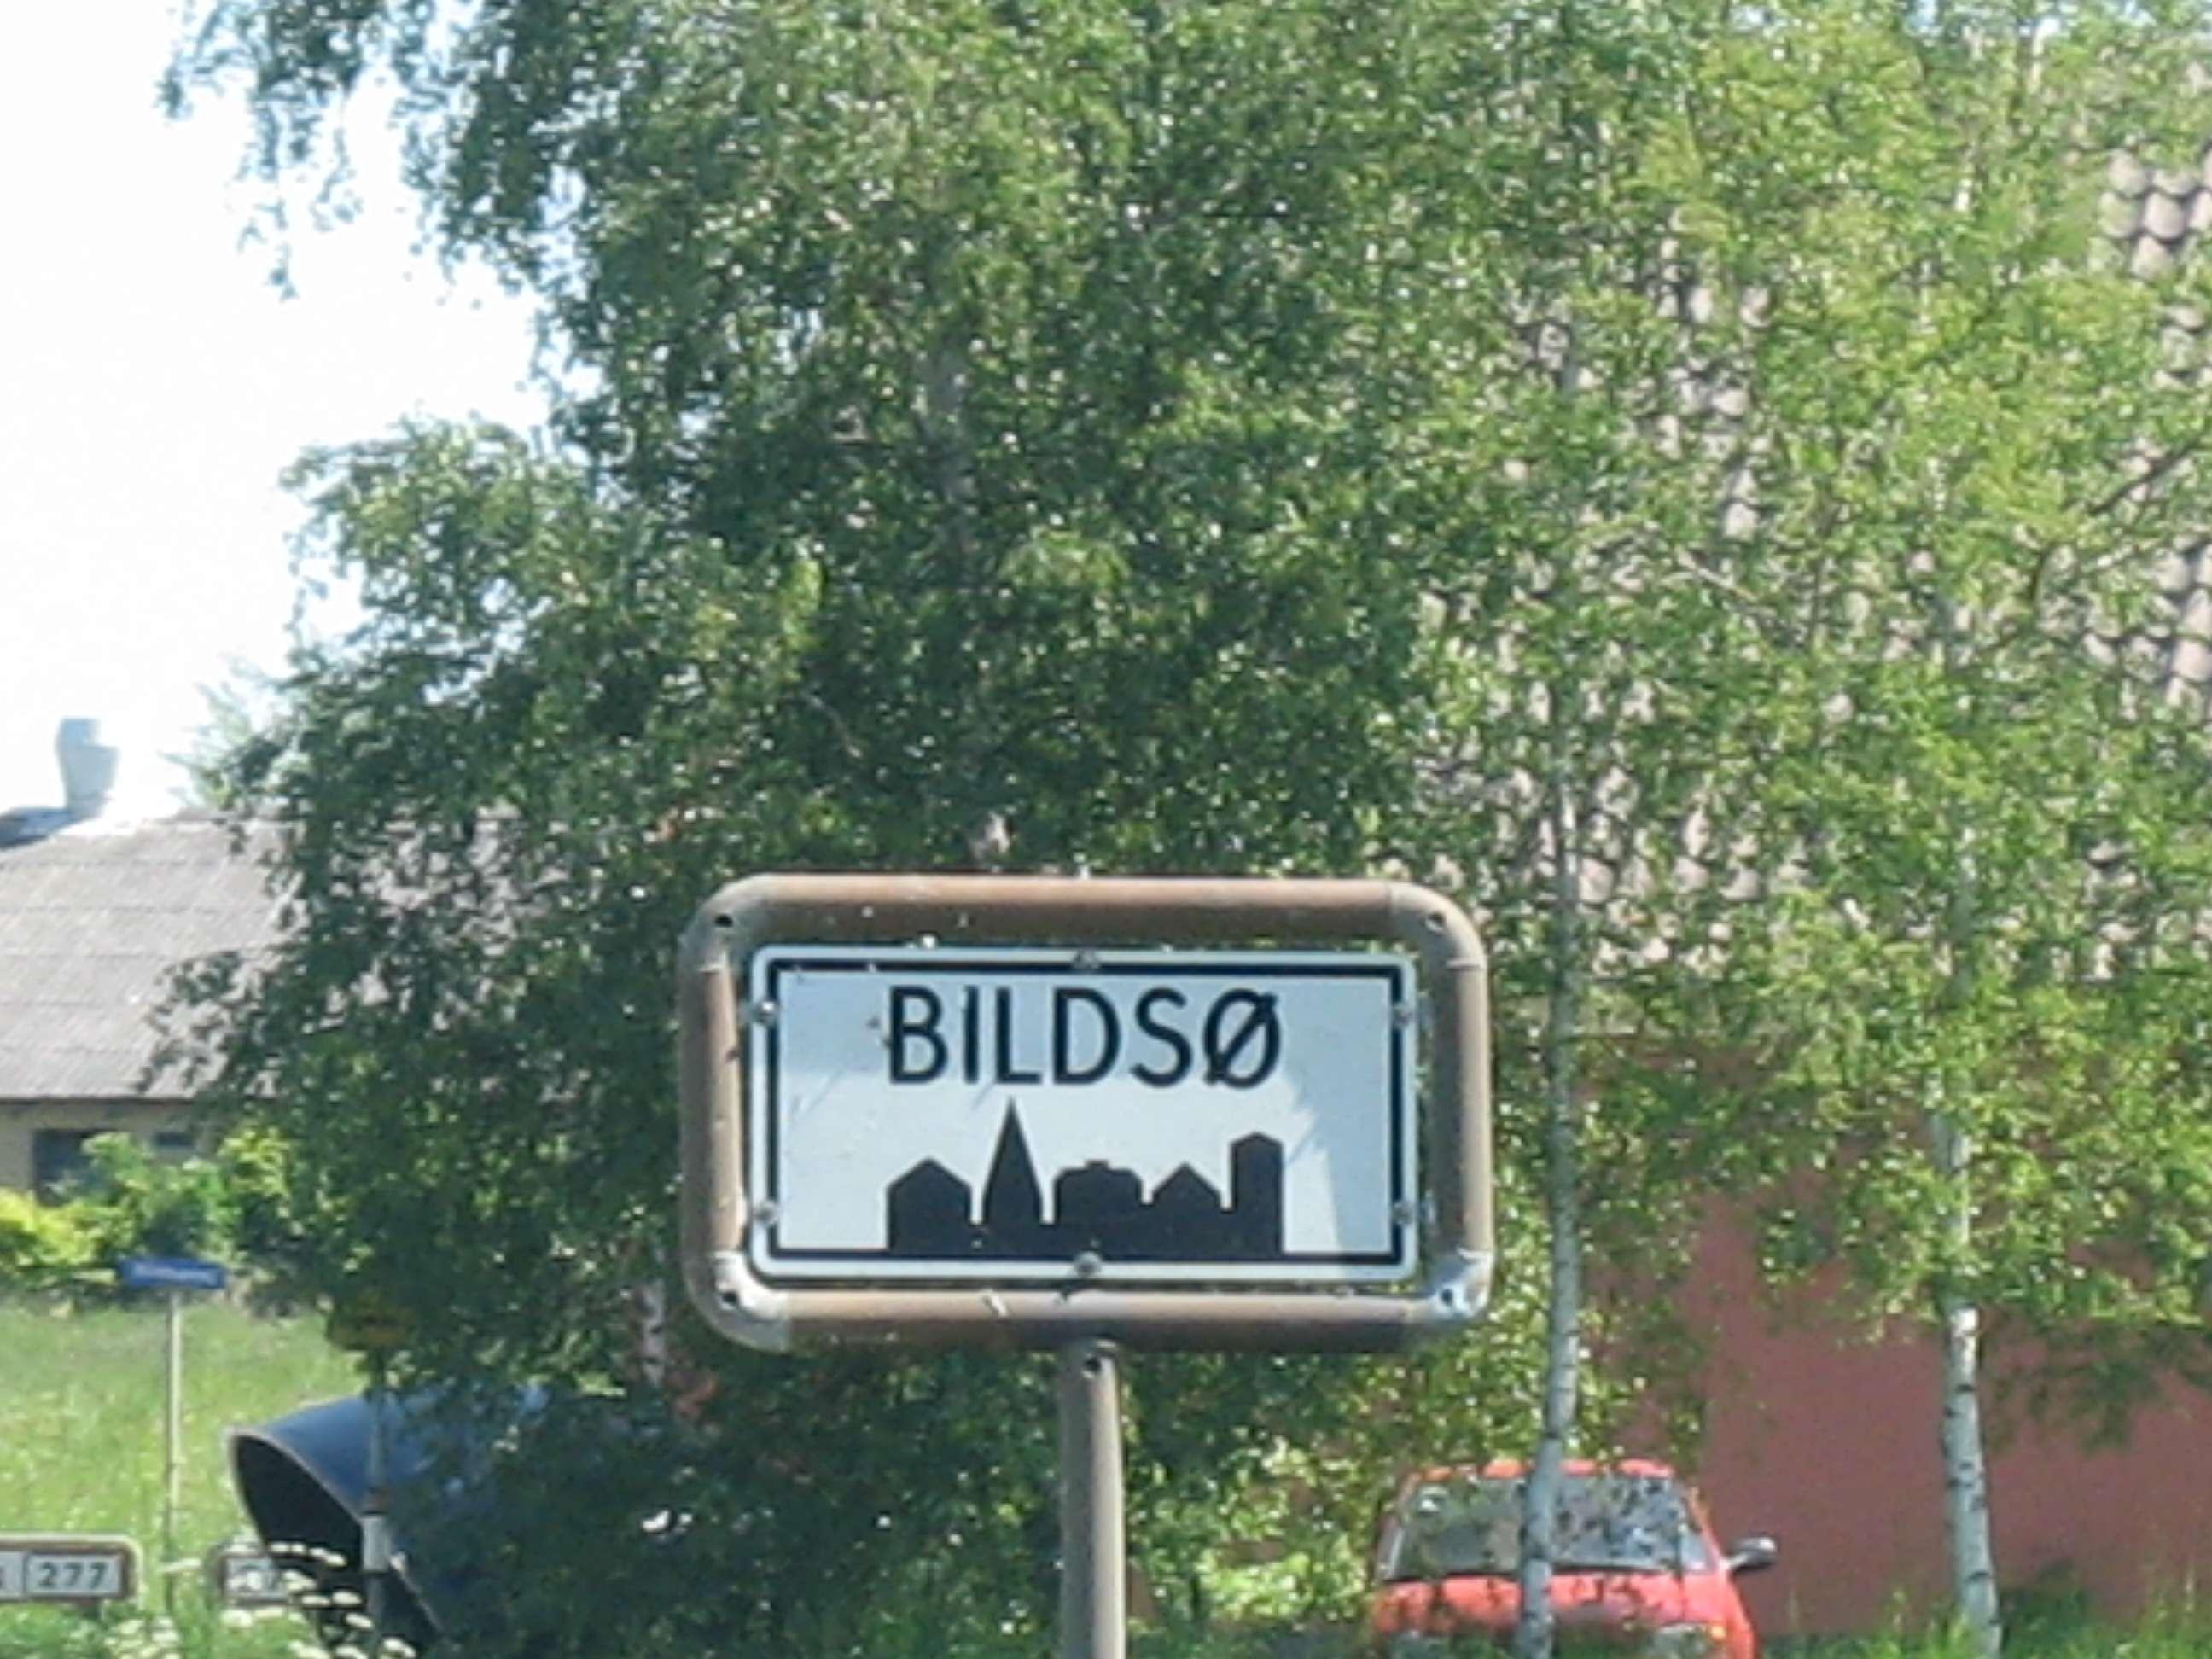 Bildsø